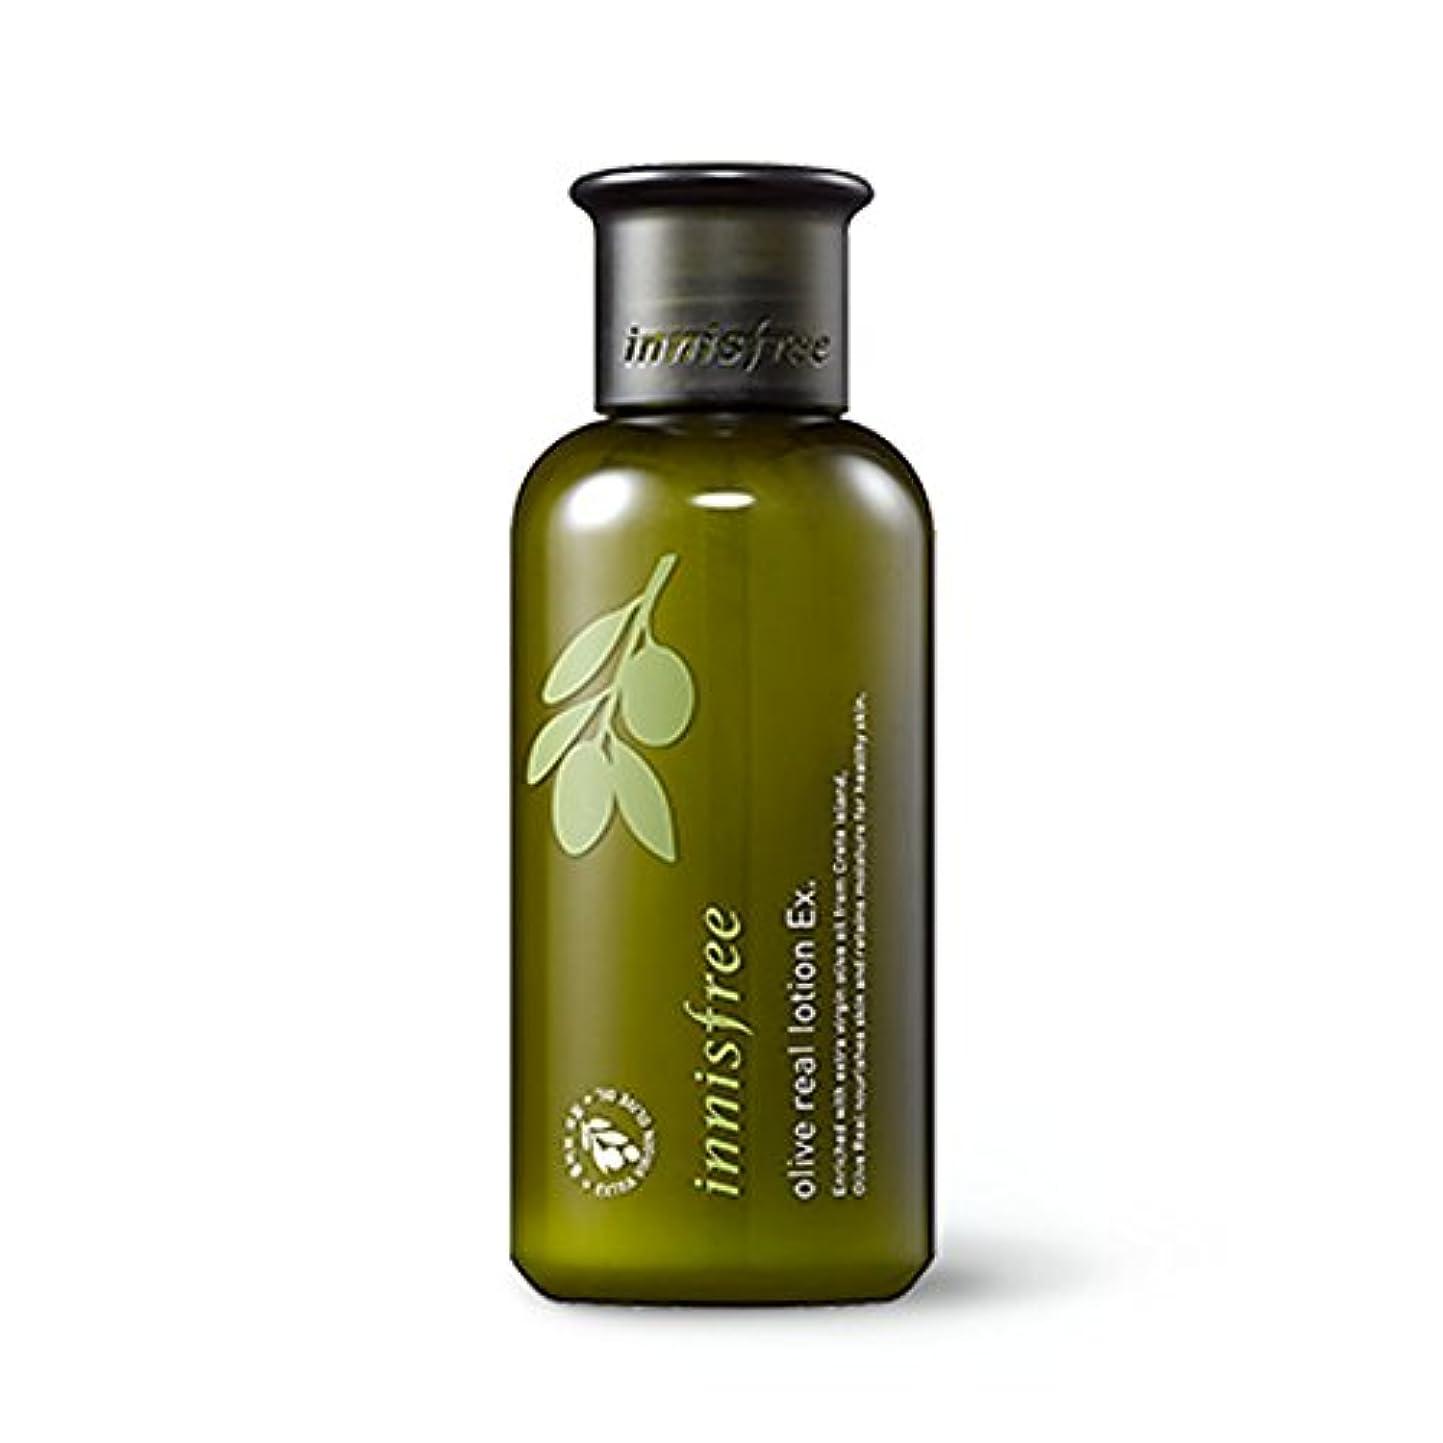 脆い滑り台幅イニスフリーオリーブリアルローションEx 160ml / innisfree Olive Real Lotion Ex 160ml [海外直送品][並行輸入品]